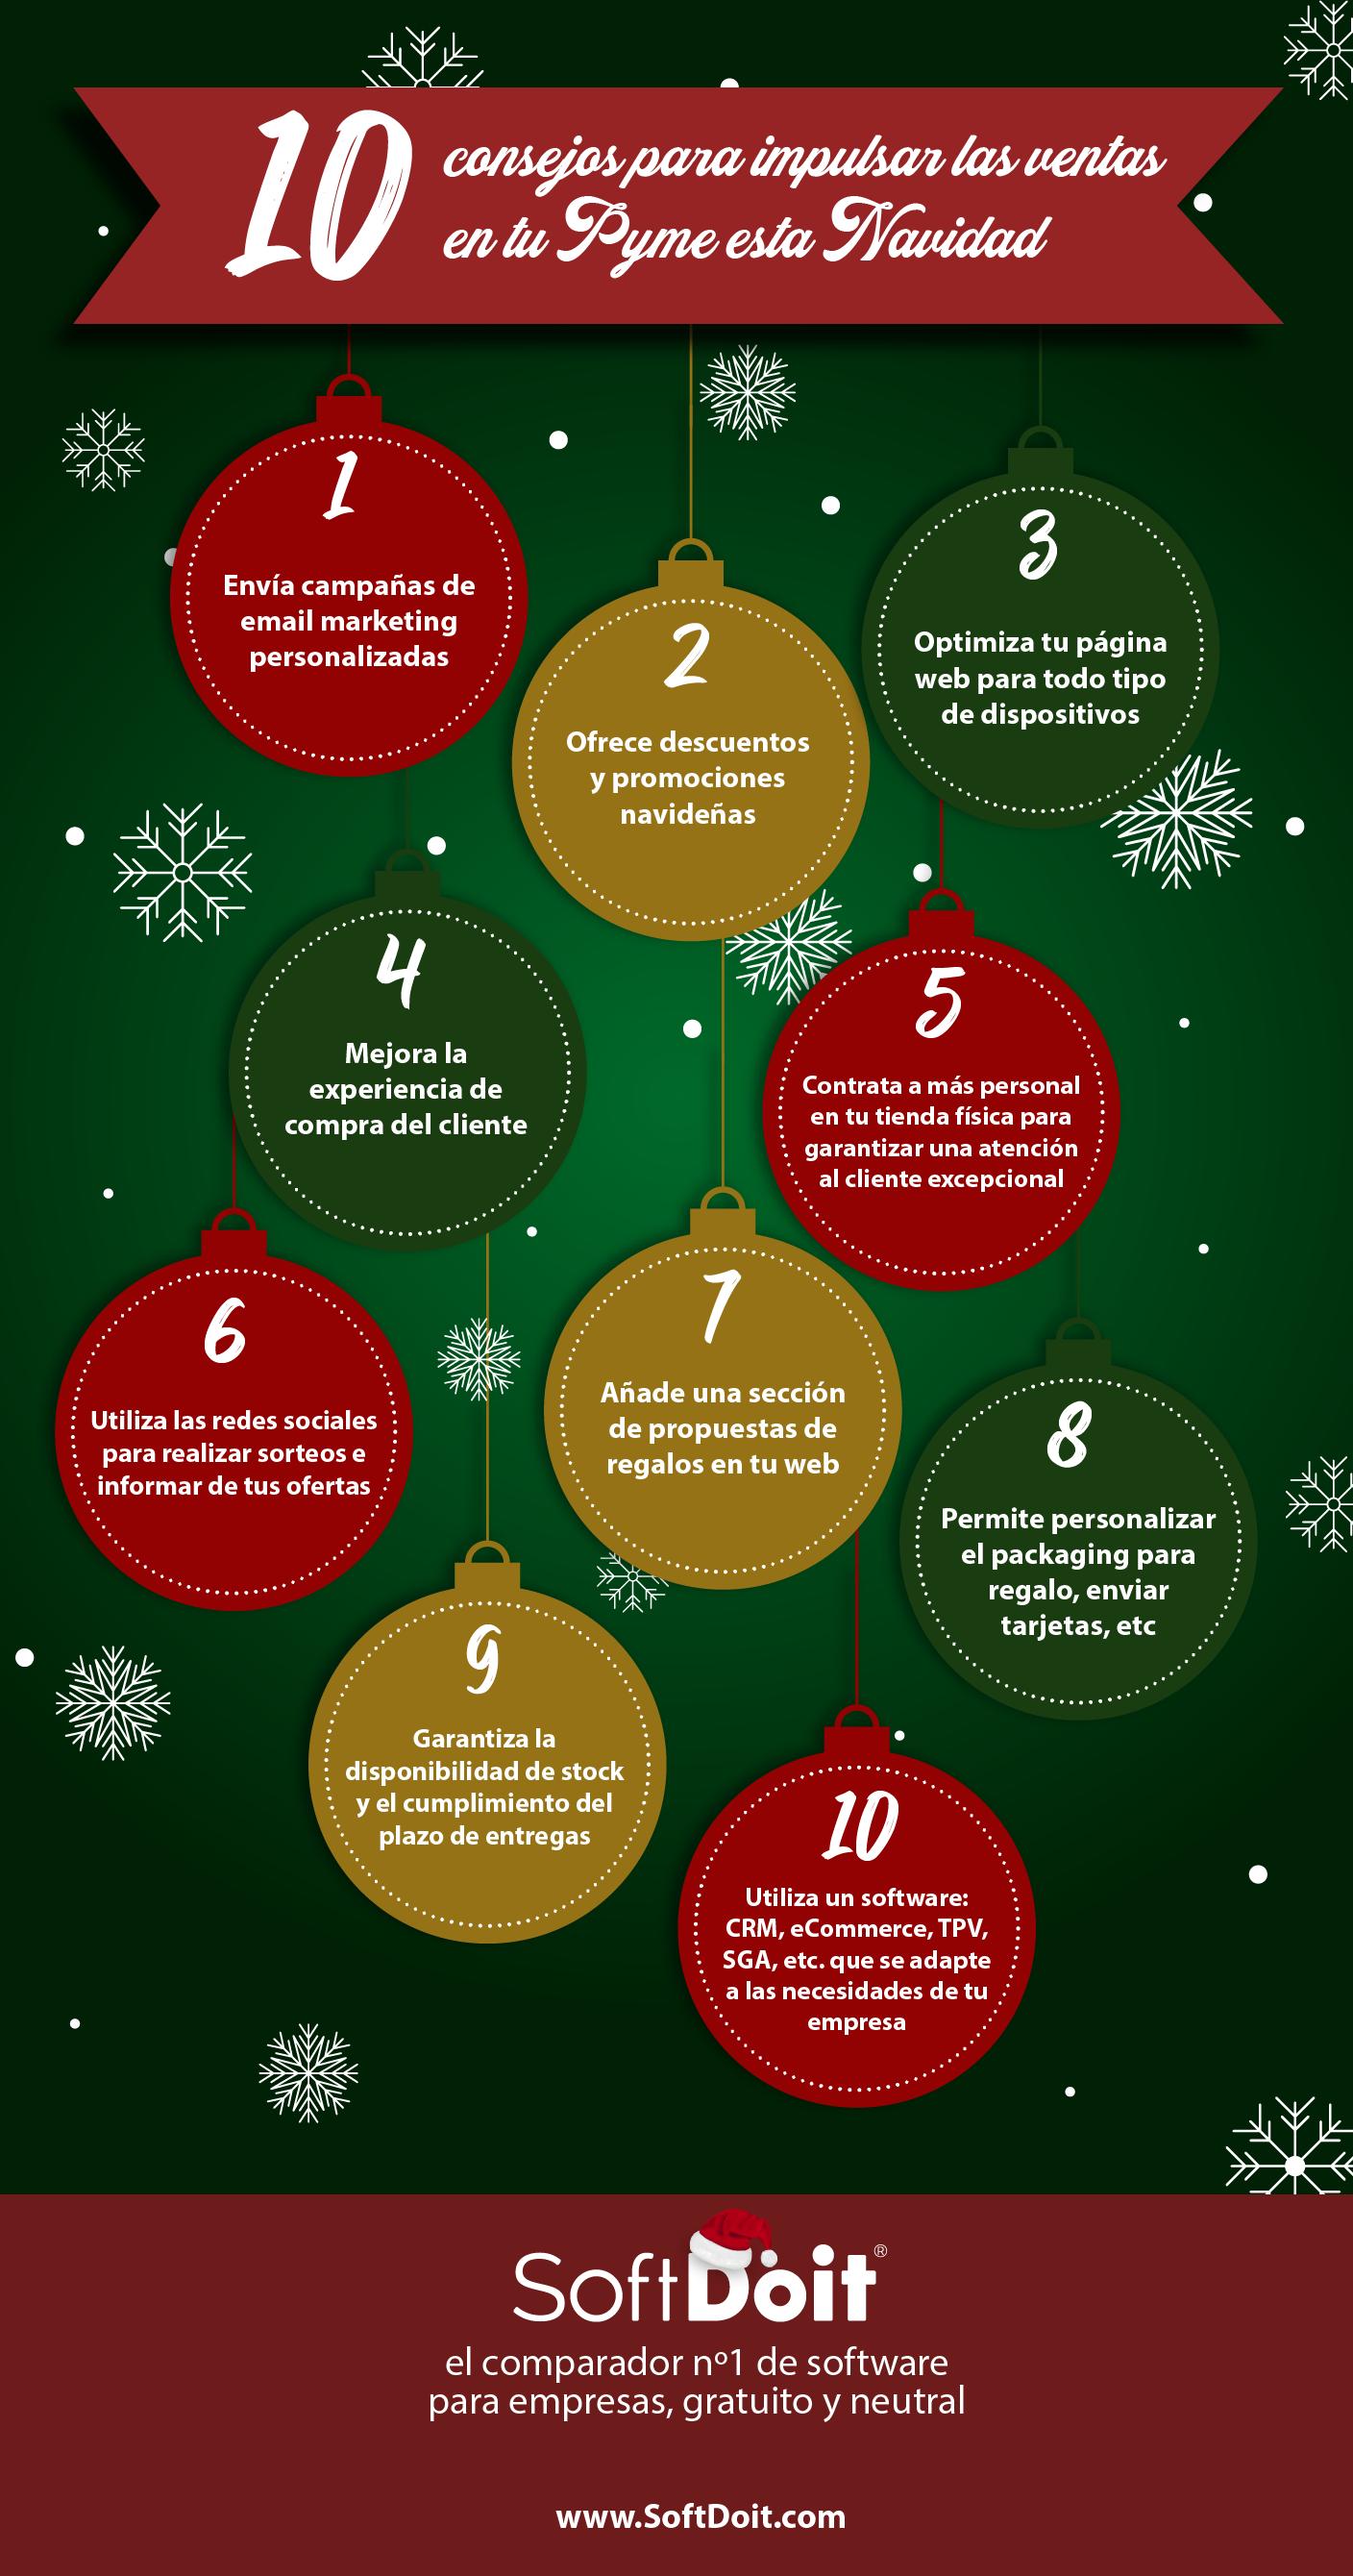 Cómo impulsar las ventas en Navidad si tienes una pyme